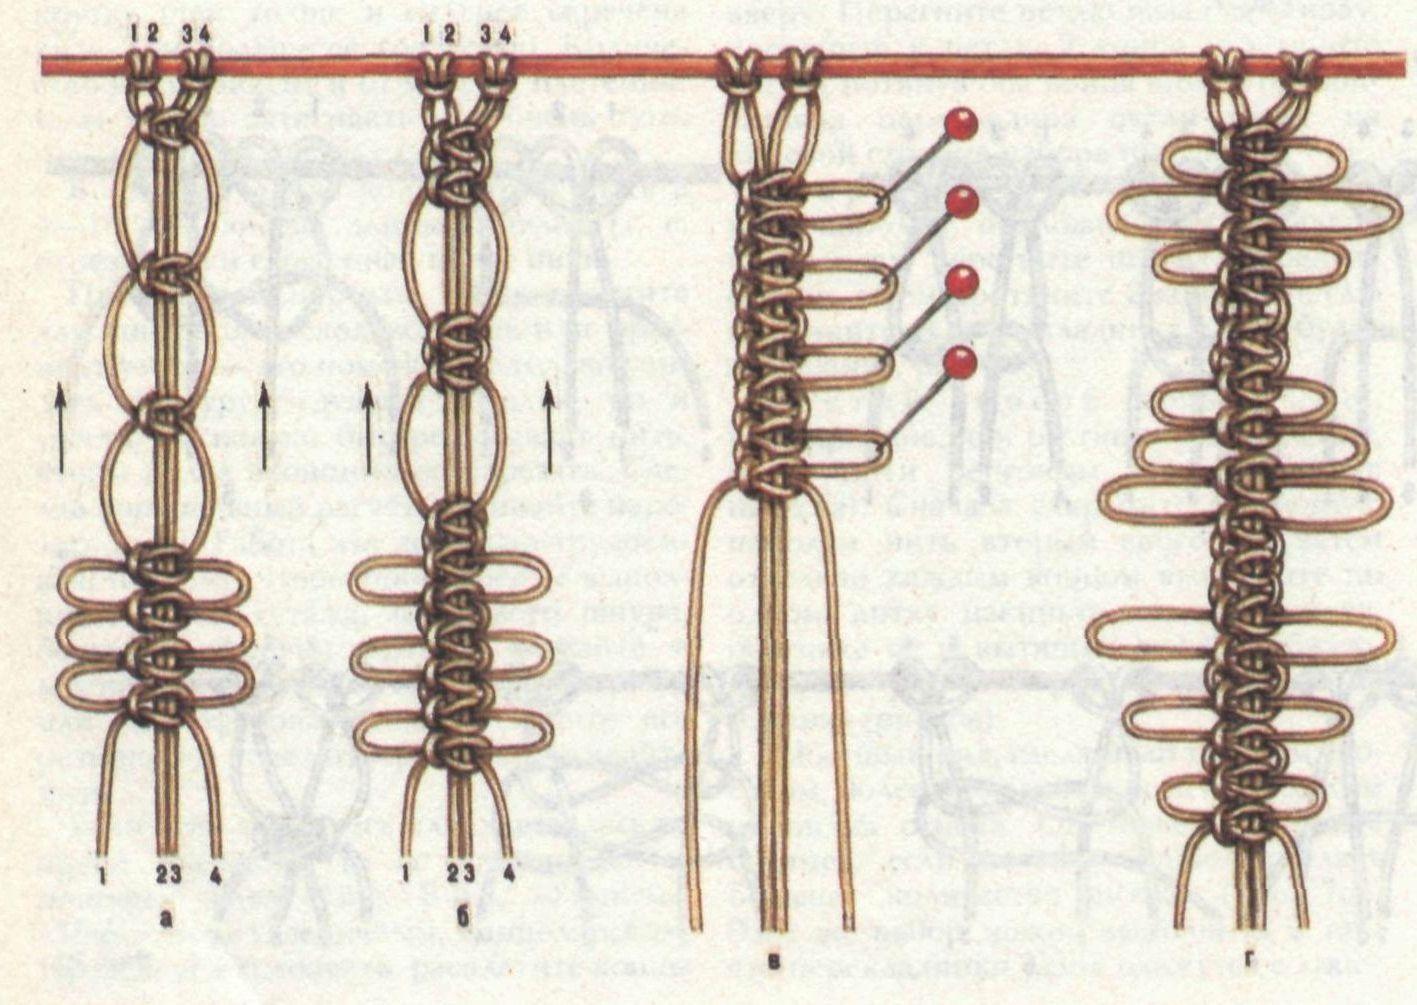 Плетение на коклюшках для начинающих: мастер-класс, схемы 21